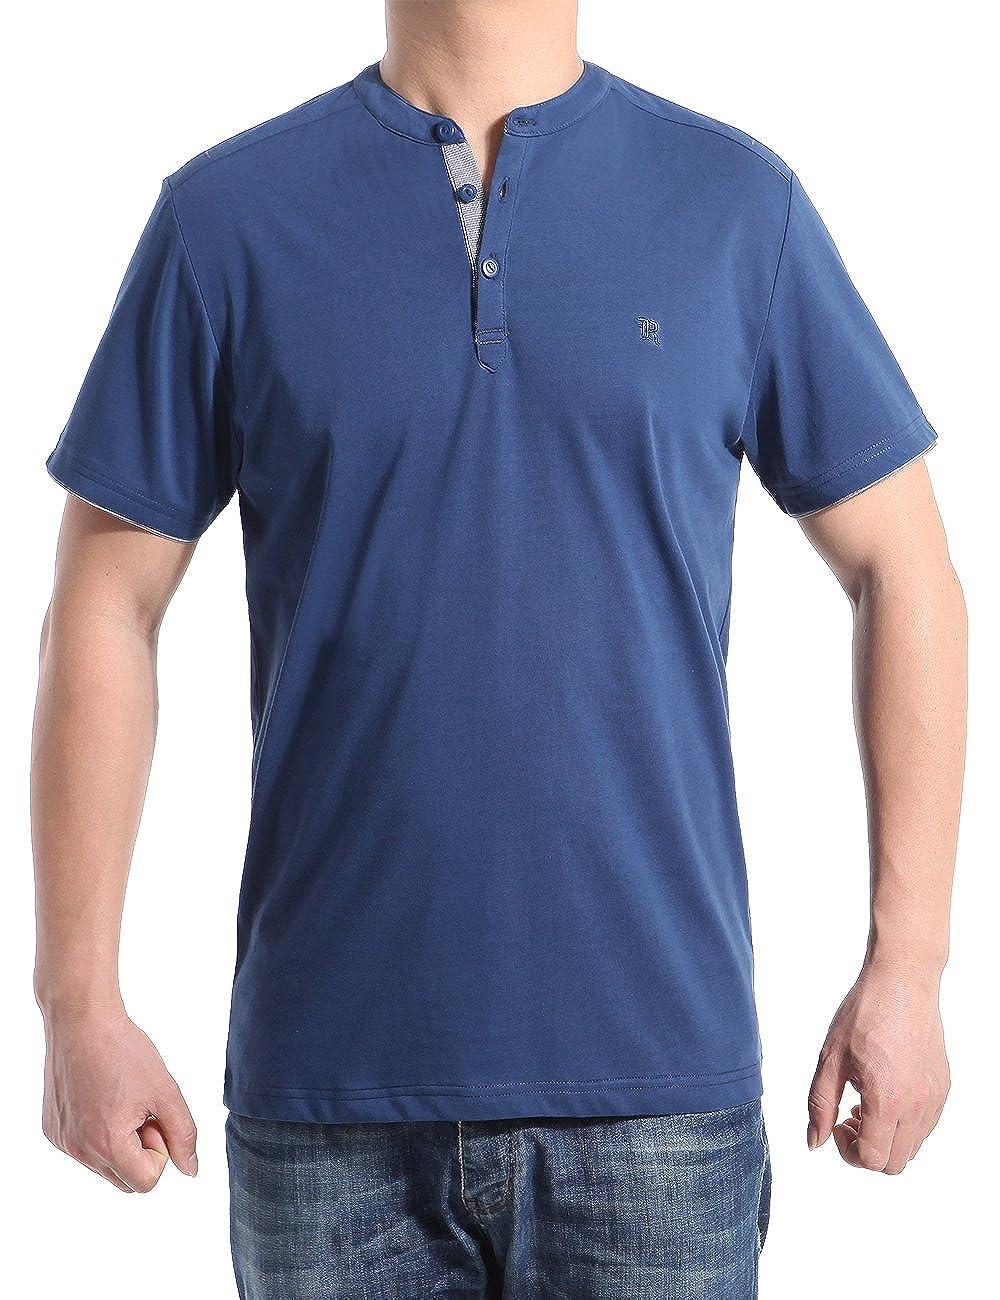 Reach Men's Tshirt Jersey T Shirt Boys Wear (S-XL) RB1309